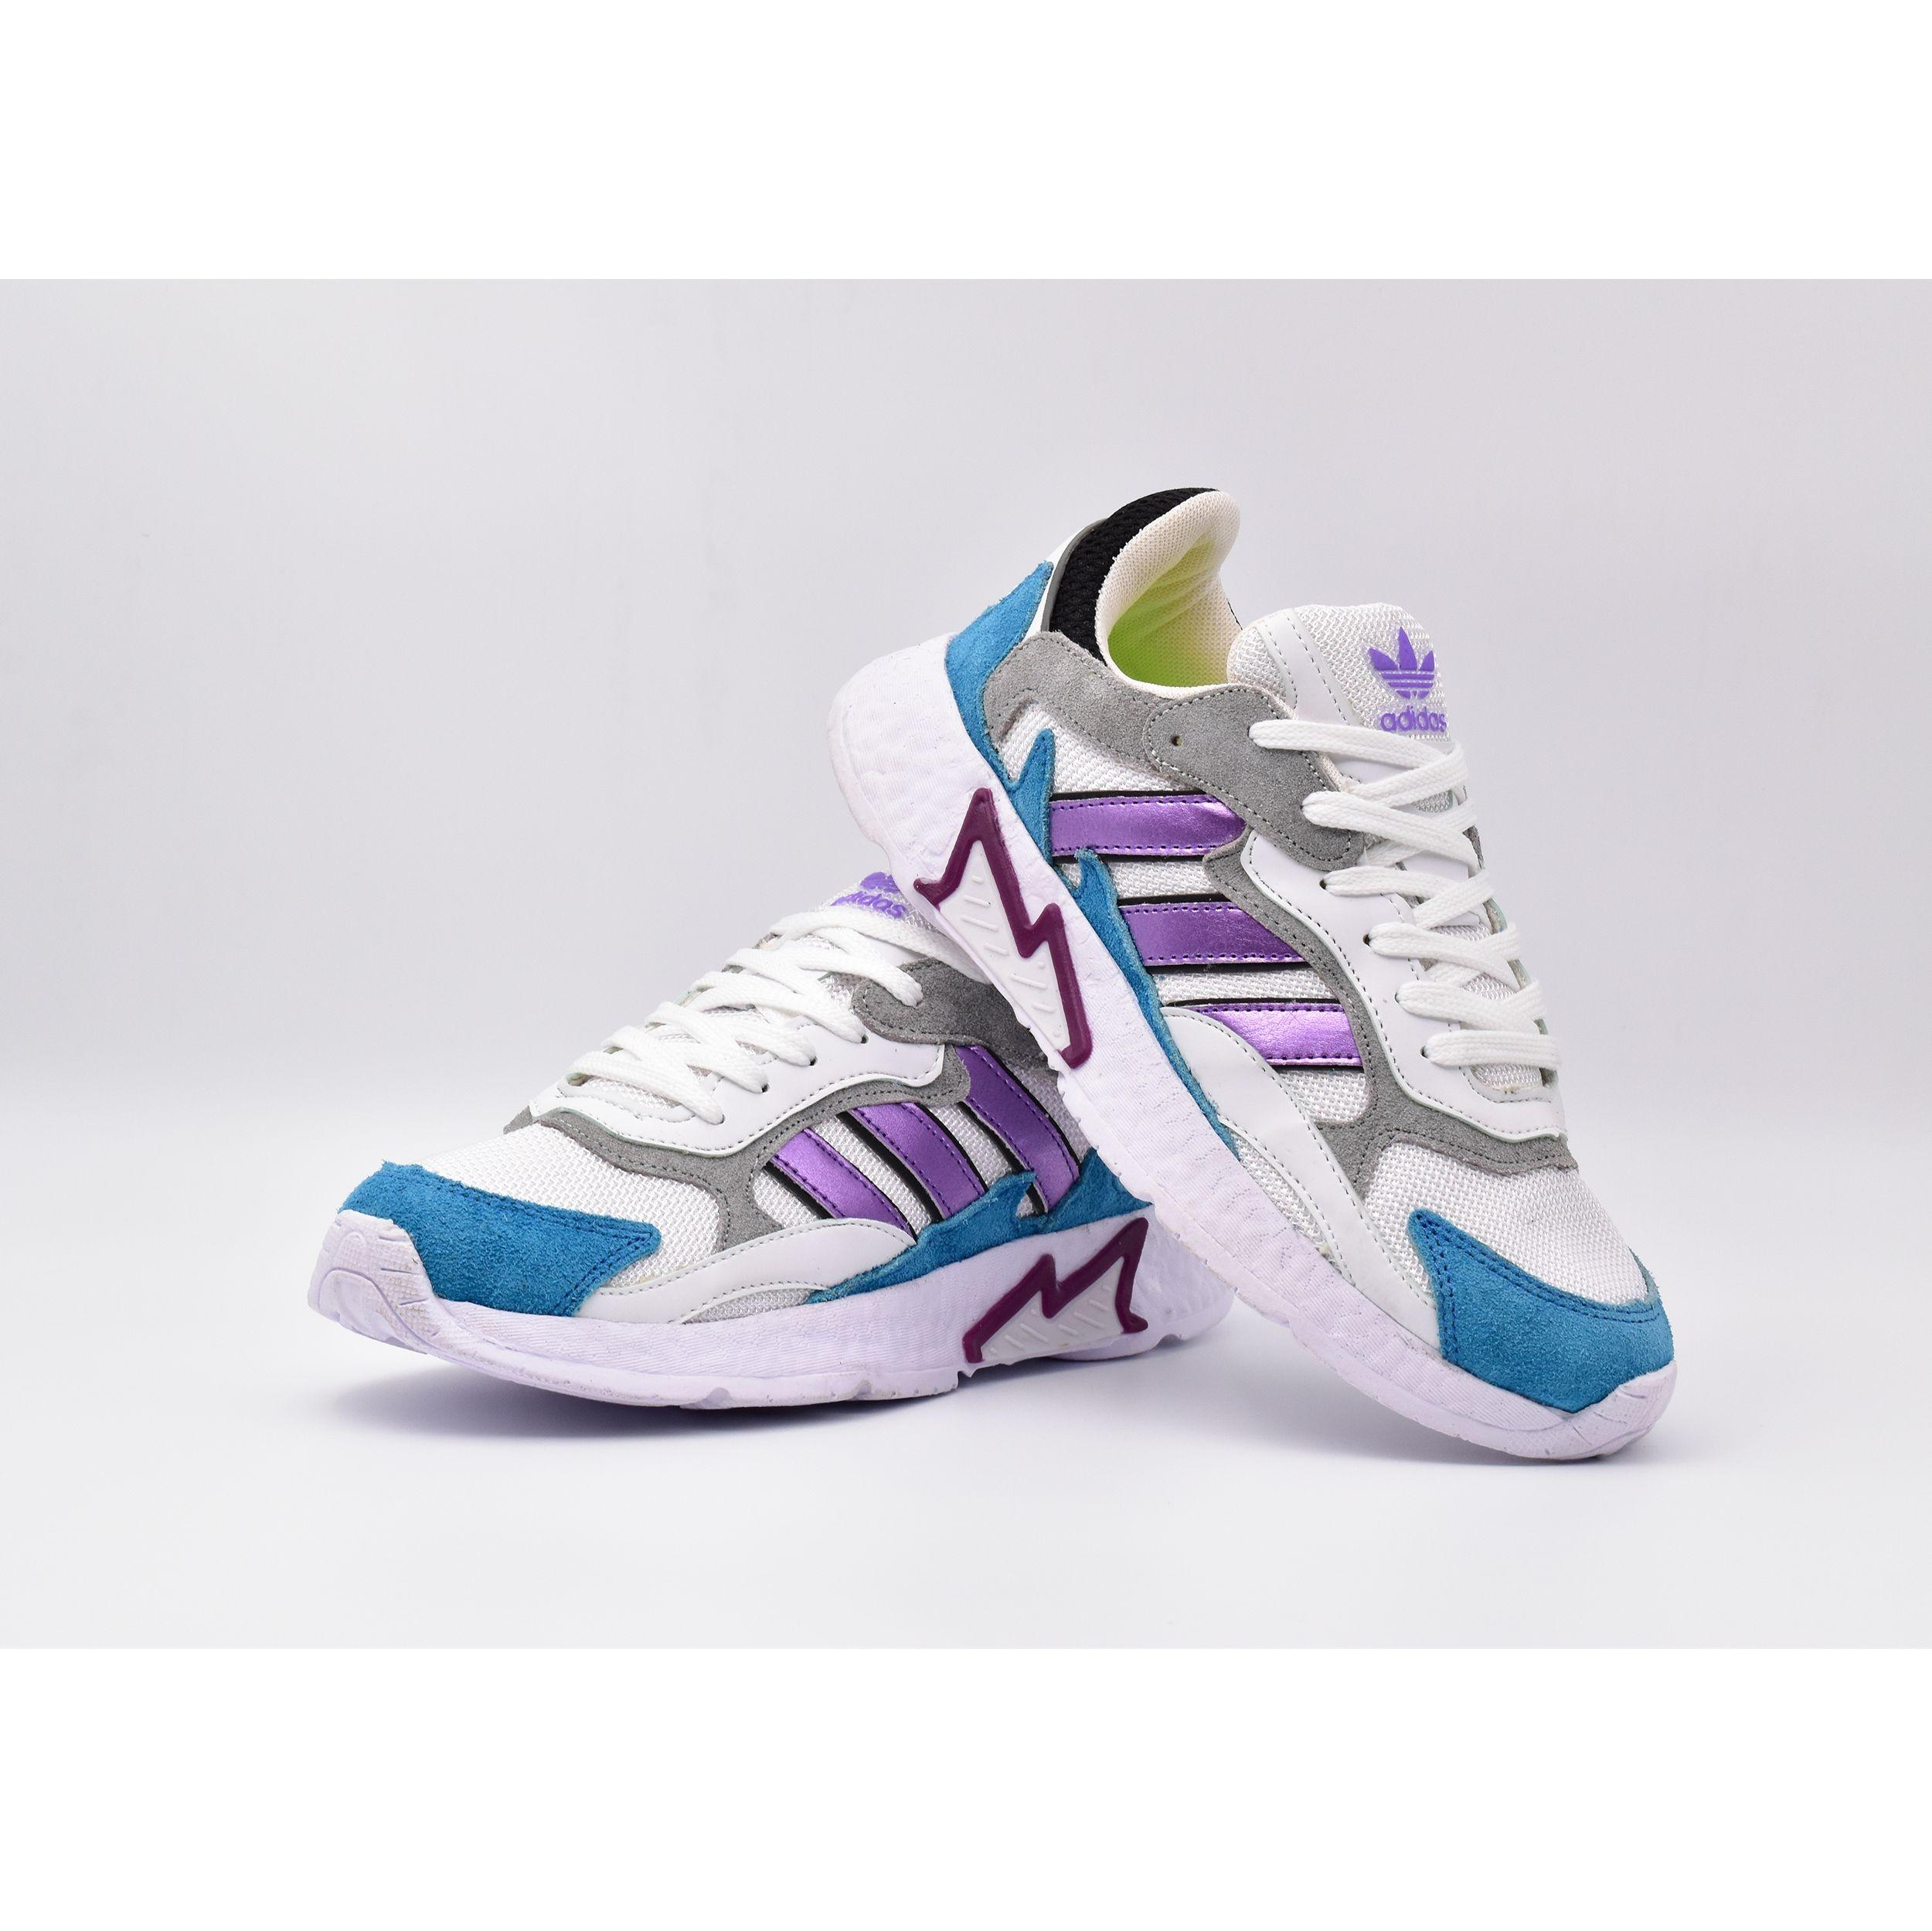 کفش مخصوص پیاده روی زنانه مدل مدا کد 5602